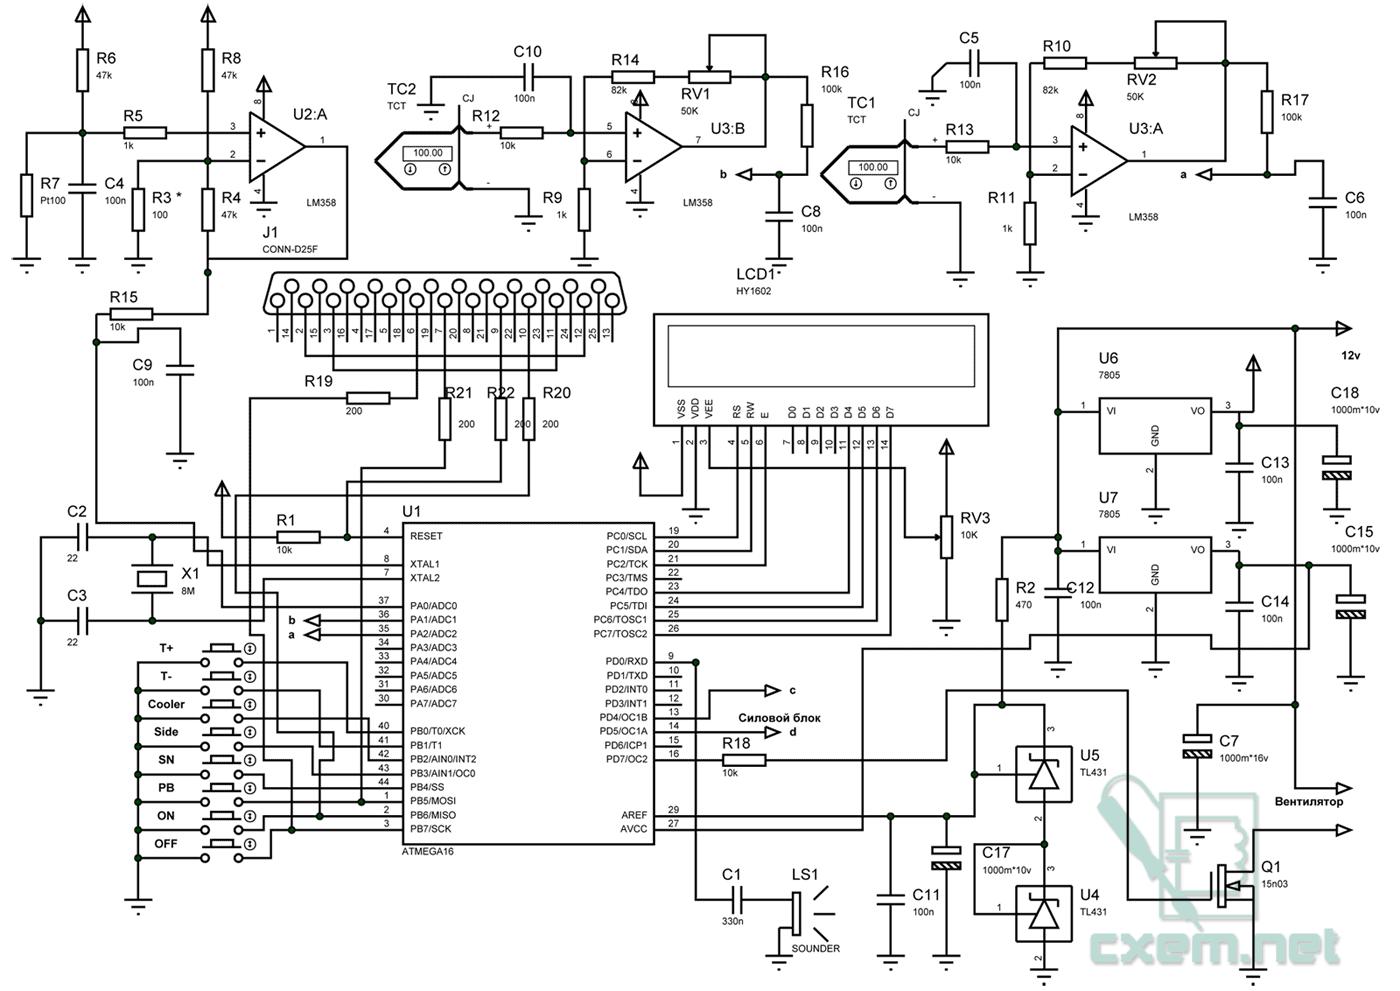 Паяльная станция на микроконтроллерах своими руками 303